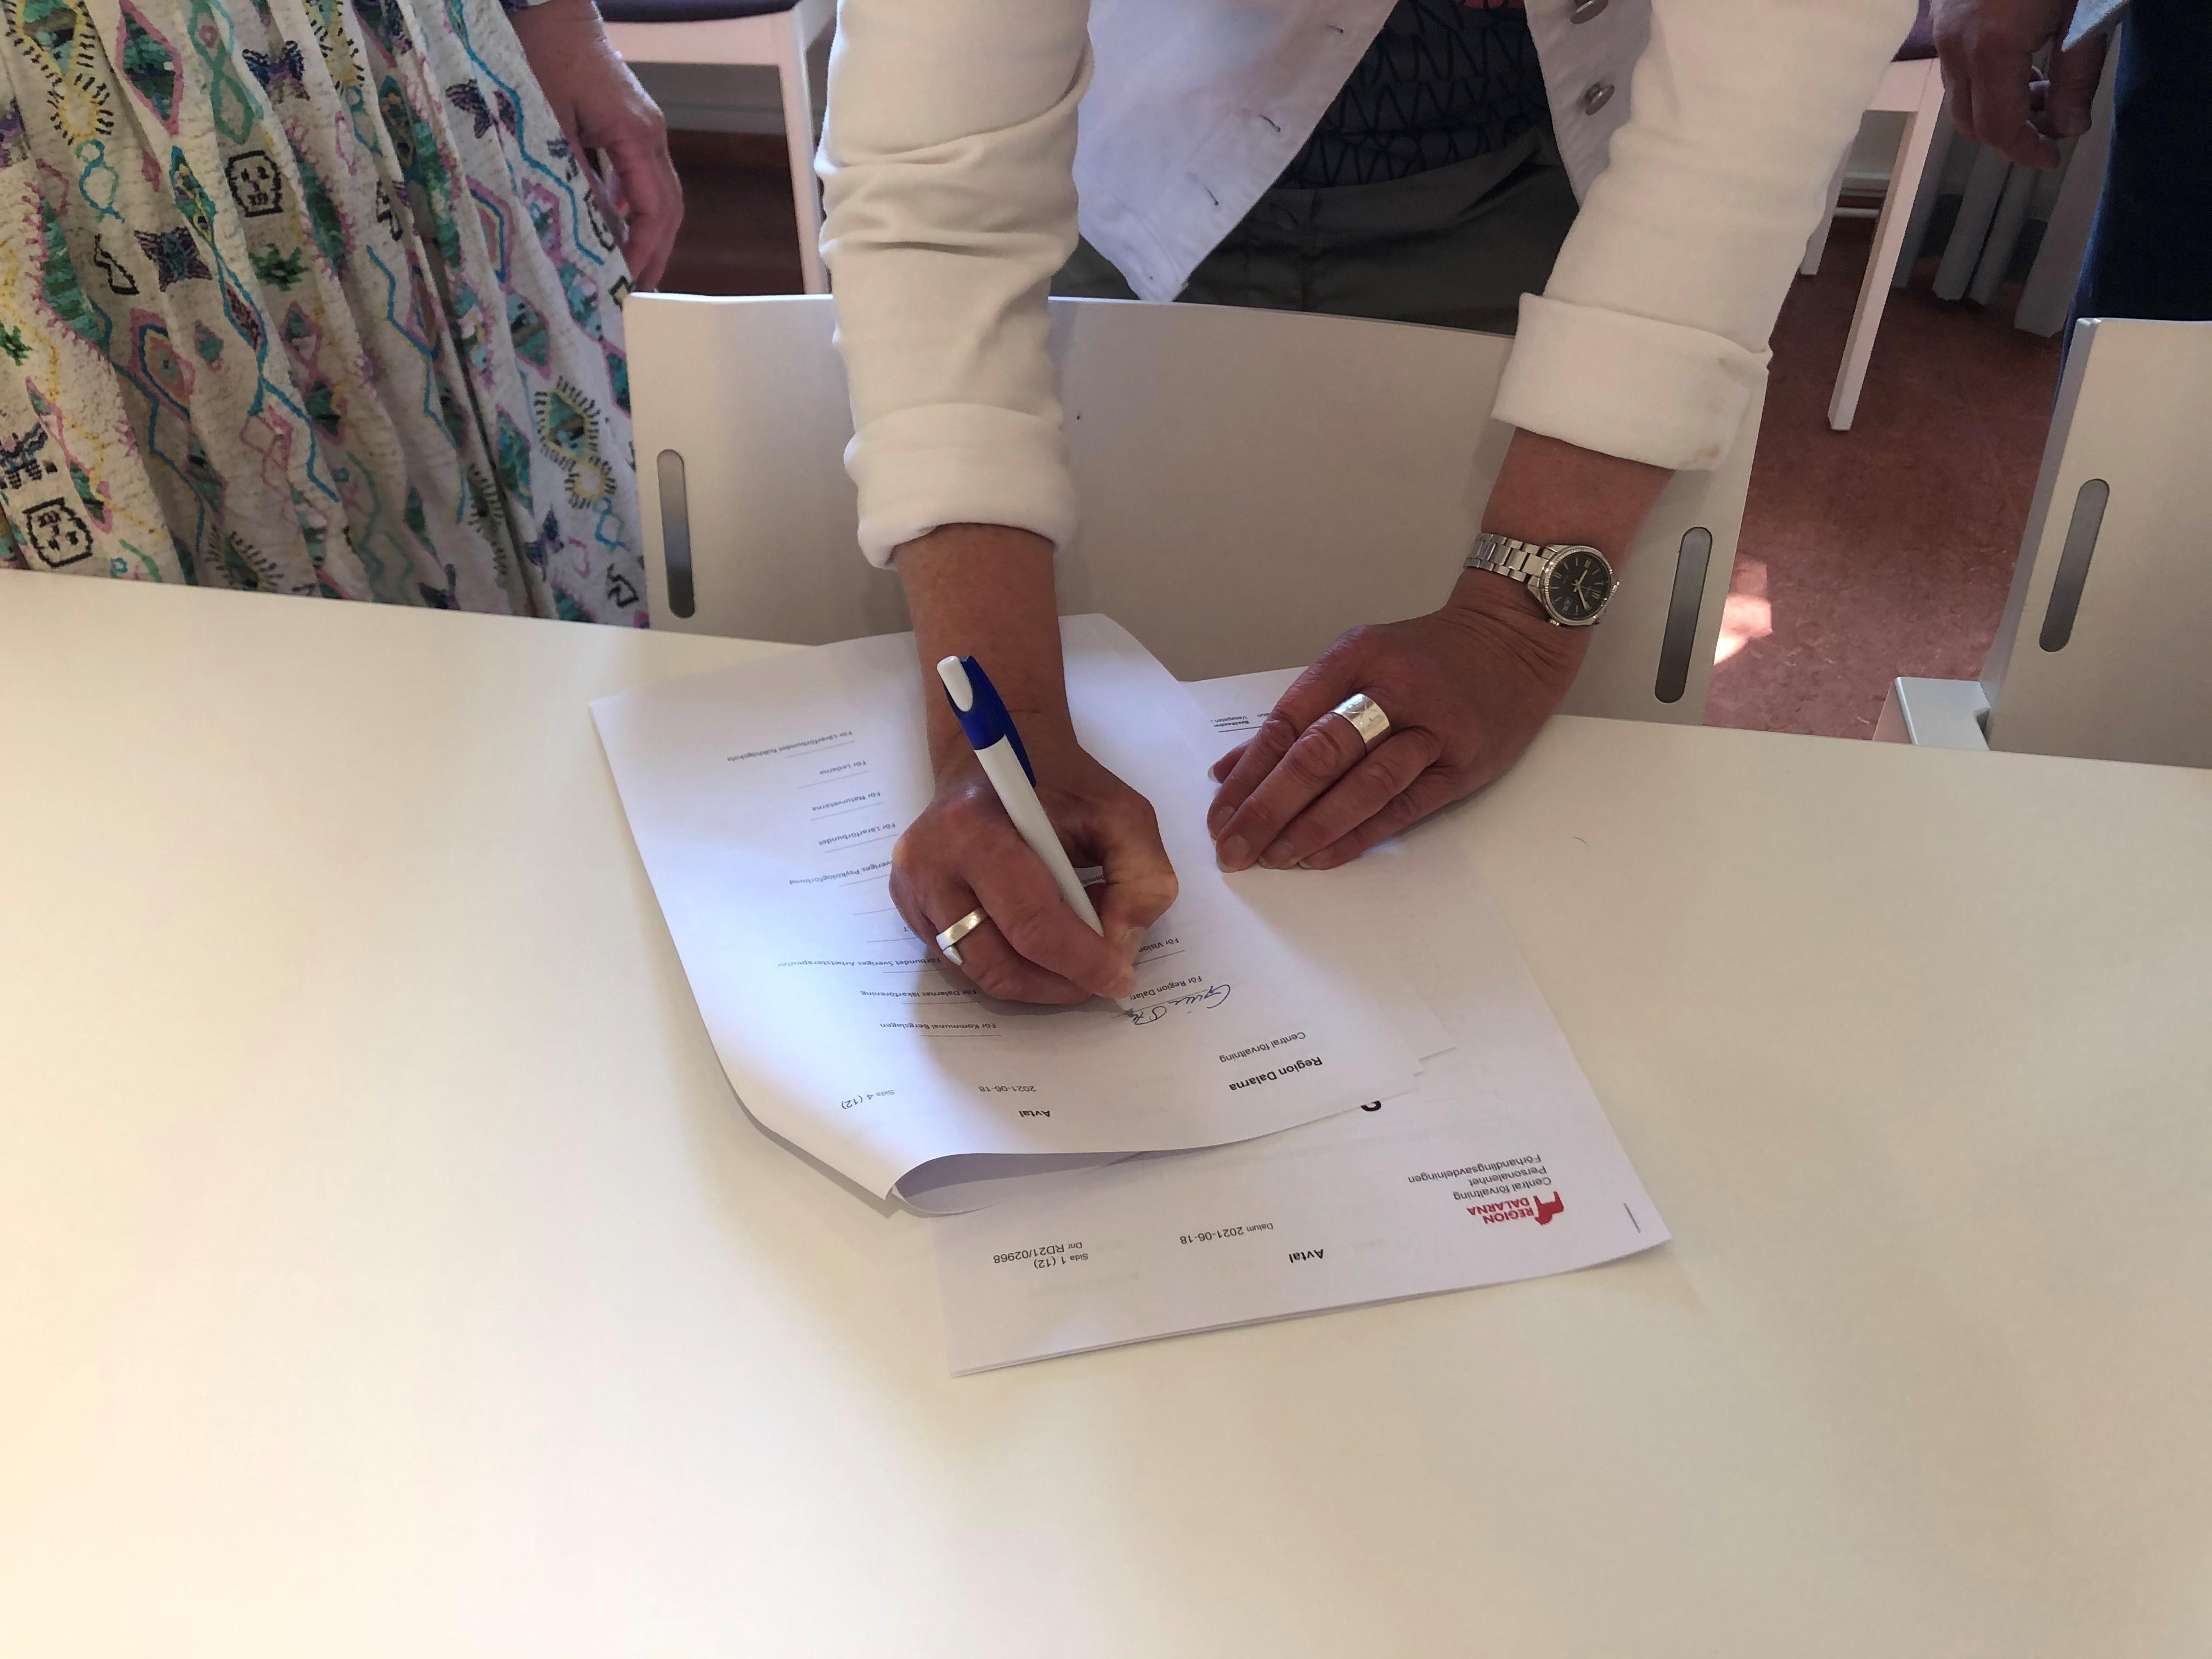 Personaldirektör Gunilla Stenback skriver på avtalet.